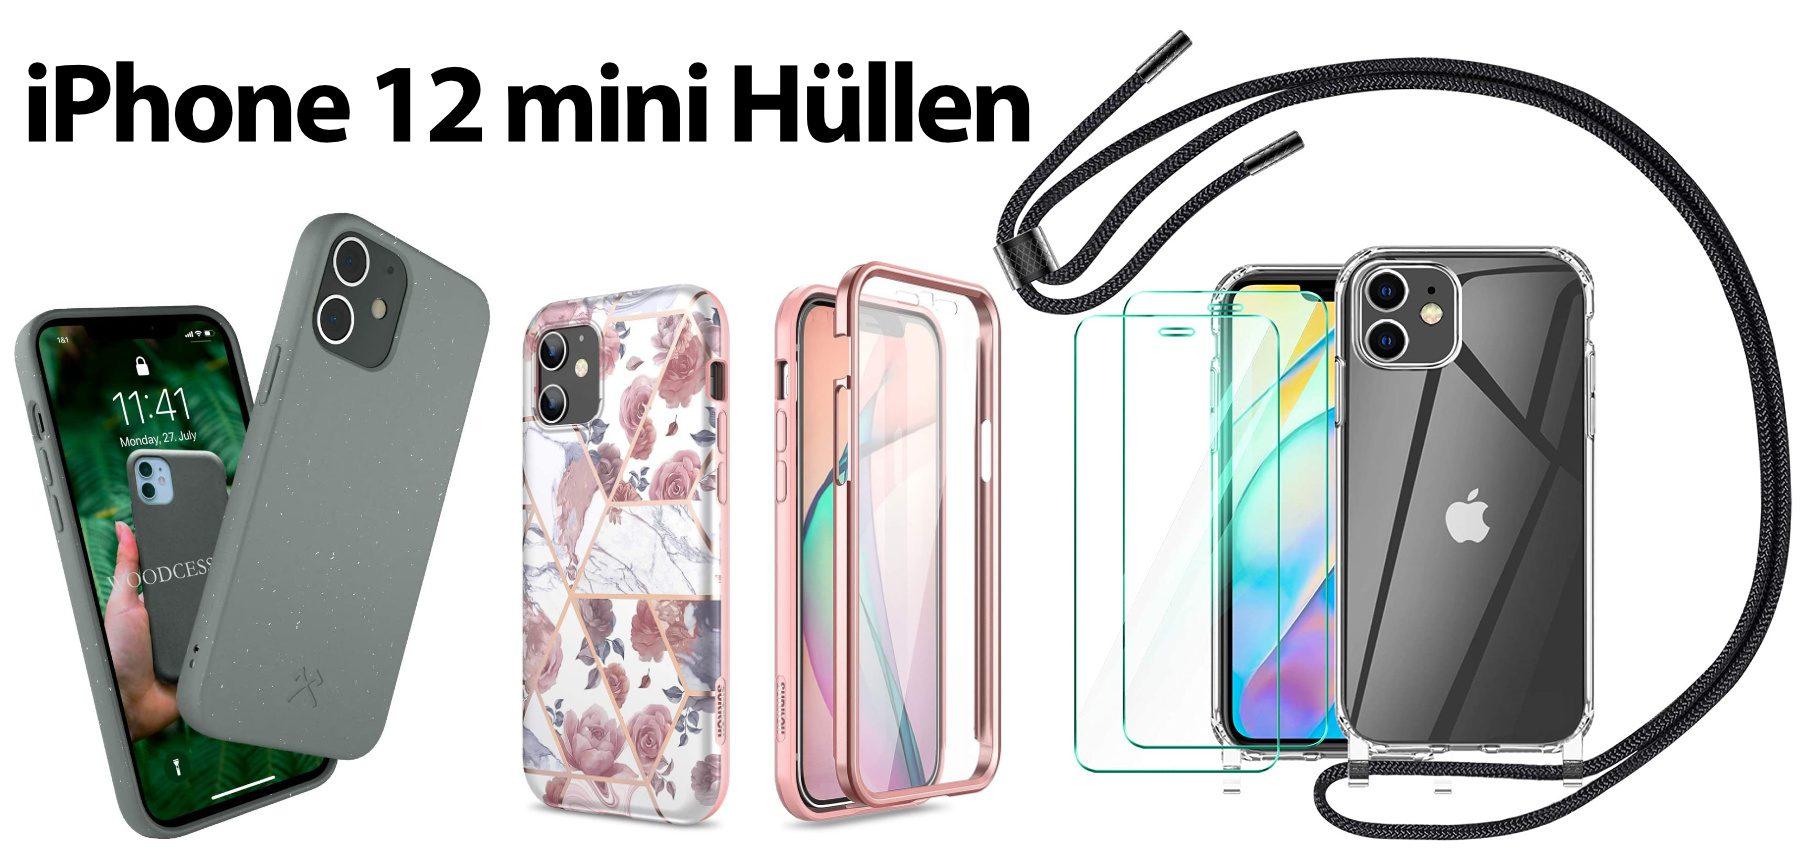 Hier die richtige iPhone 12 mini Hülle oder ein Case mit Displayschutz finden. Verschiedene Handyhüllen mit und ohne Trageband für das neue 5,4-Zoll-Smartphone von Apple. 2020